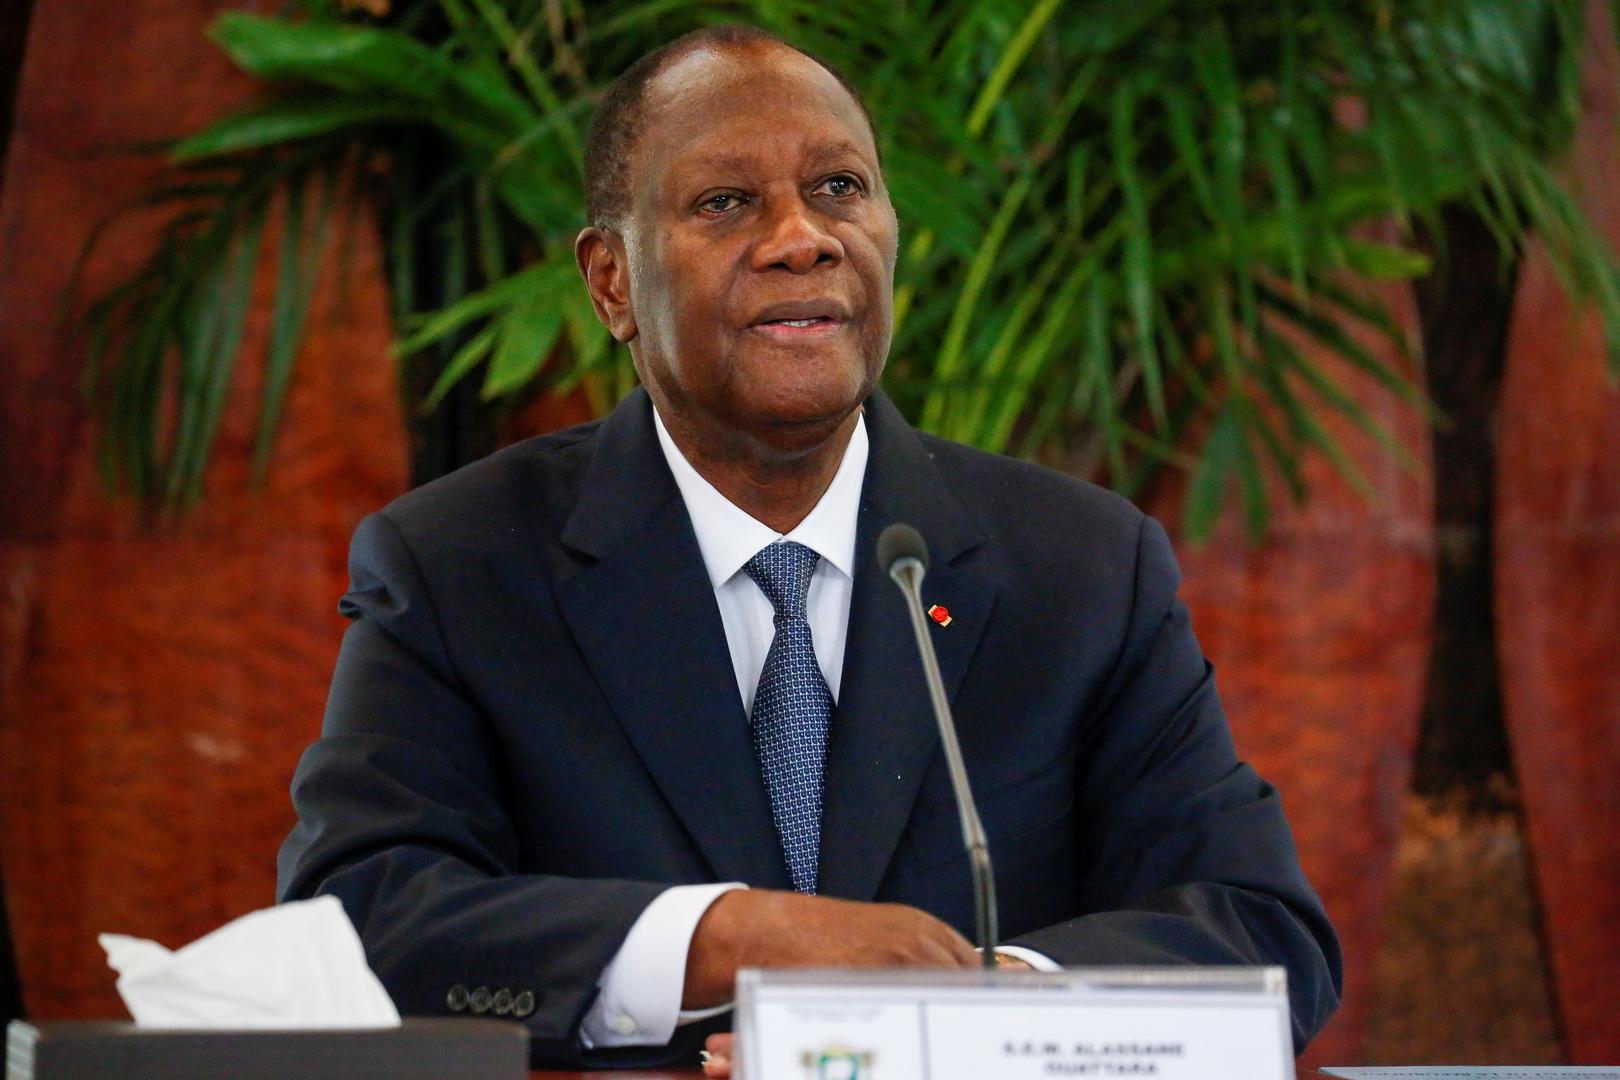 رئيس ساحل العاج يخضع للعزل الذاتي بعد مخالطته مصابا بكورونا